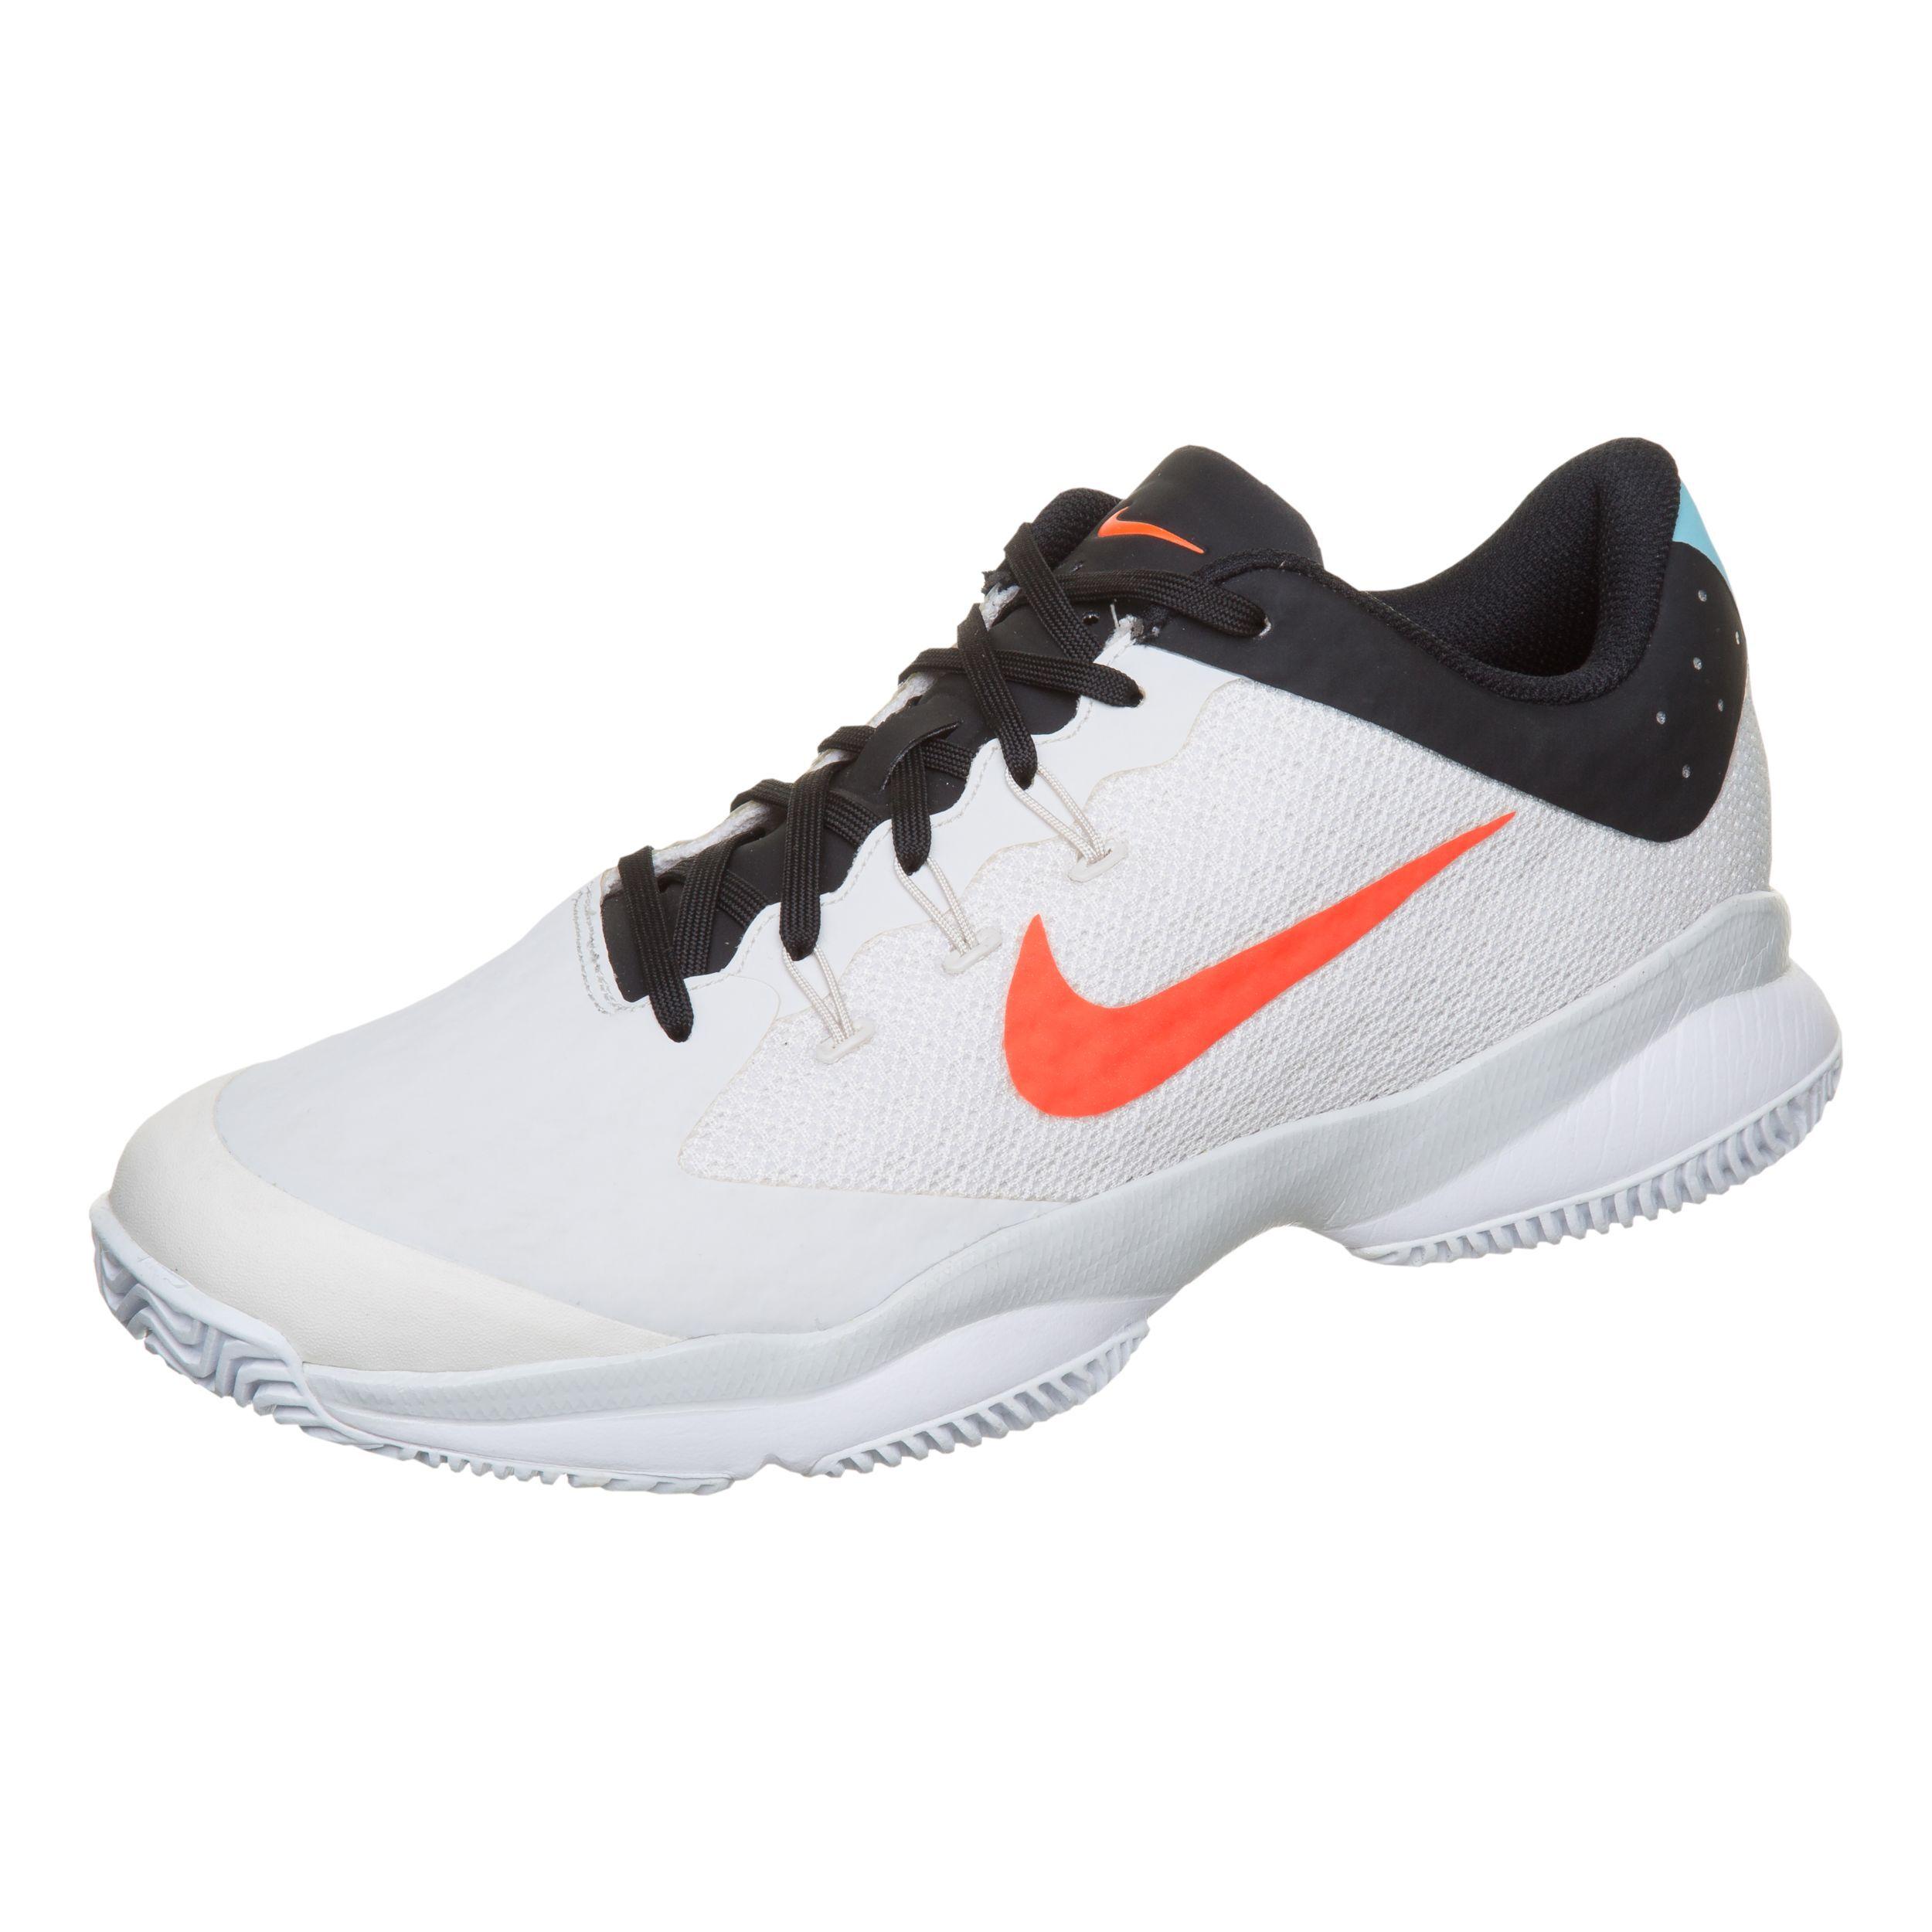 Nike Air Zoom Ultra Allcourtschuh Herren Weiß, Schwarz